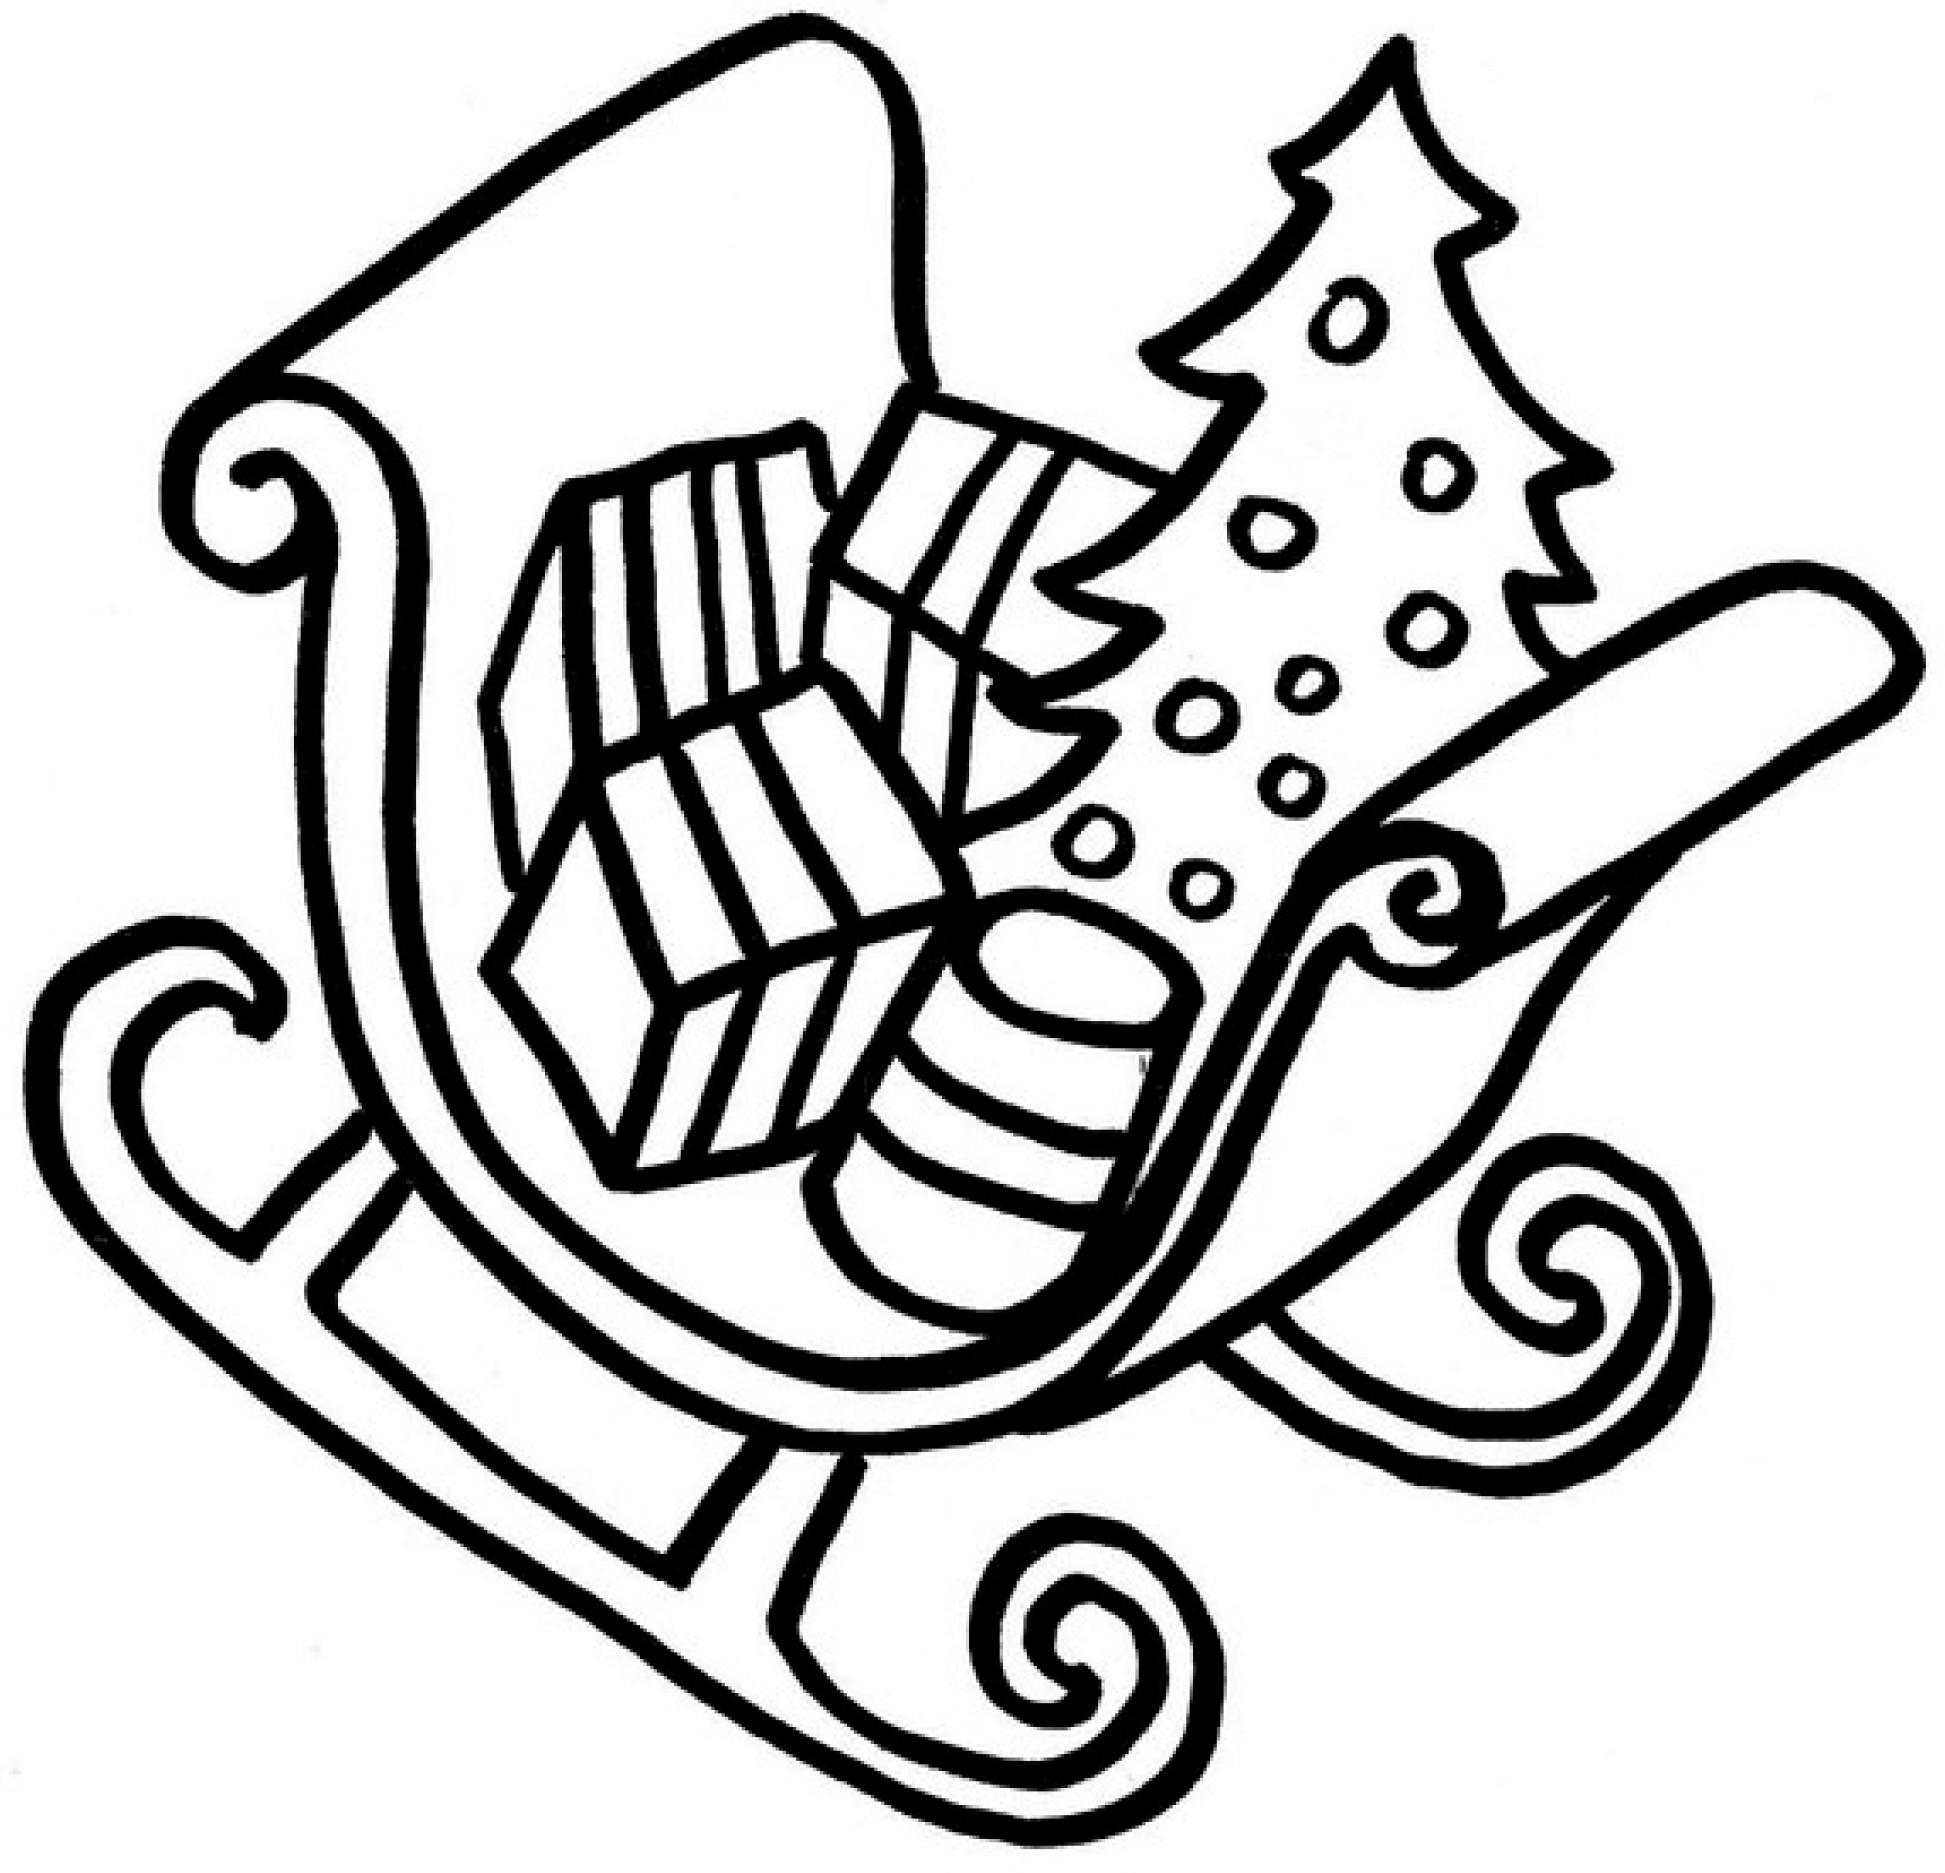 Kostenlose Malvorlagen Weihnachten  Malvorlagen Weihnachten kostenlose Ausmalbilder